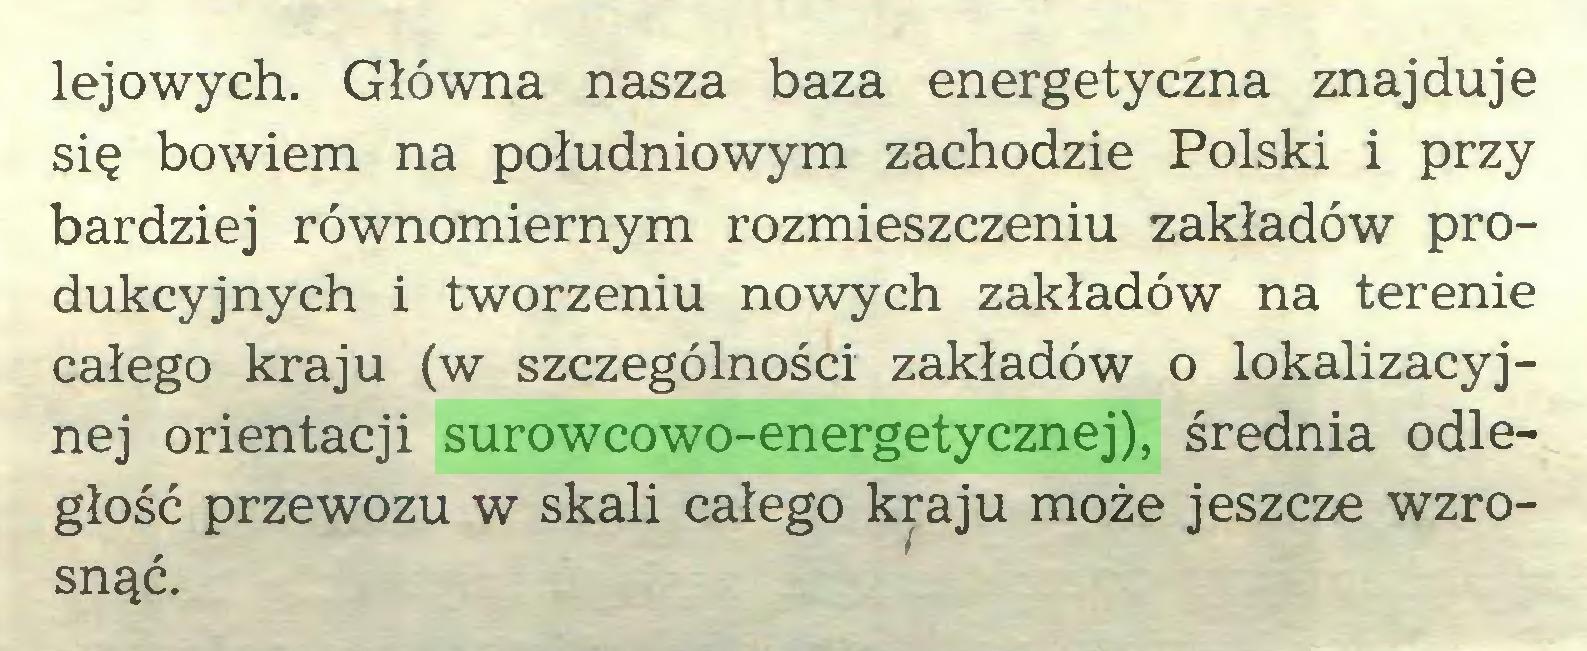 (...) lejowych. Główna nasza baza energetyczna znajduje się bowiem na południowym zachodzie Polski i przy bardziej równomiernym rozmieszczeniu zakładów produkcyjnych i tworzeniu nowych zakładów na terenie całego kraju (w szczególności zakładów o lokalizacyjnej orientacji surowcowo-energetycznej), średnia odległość przewozu w skali całego kraju może jeszcze wzrosnąć...